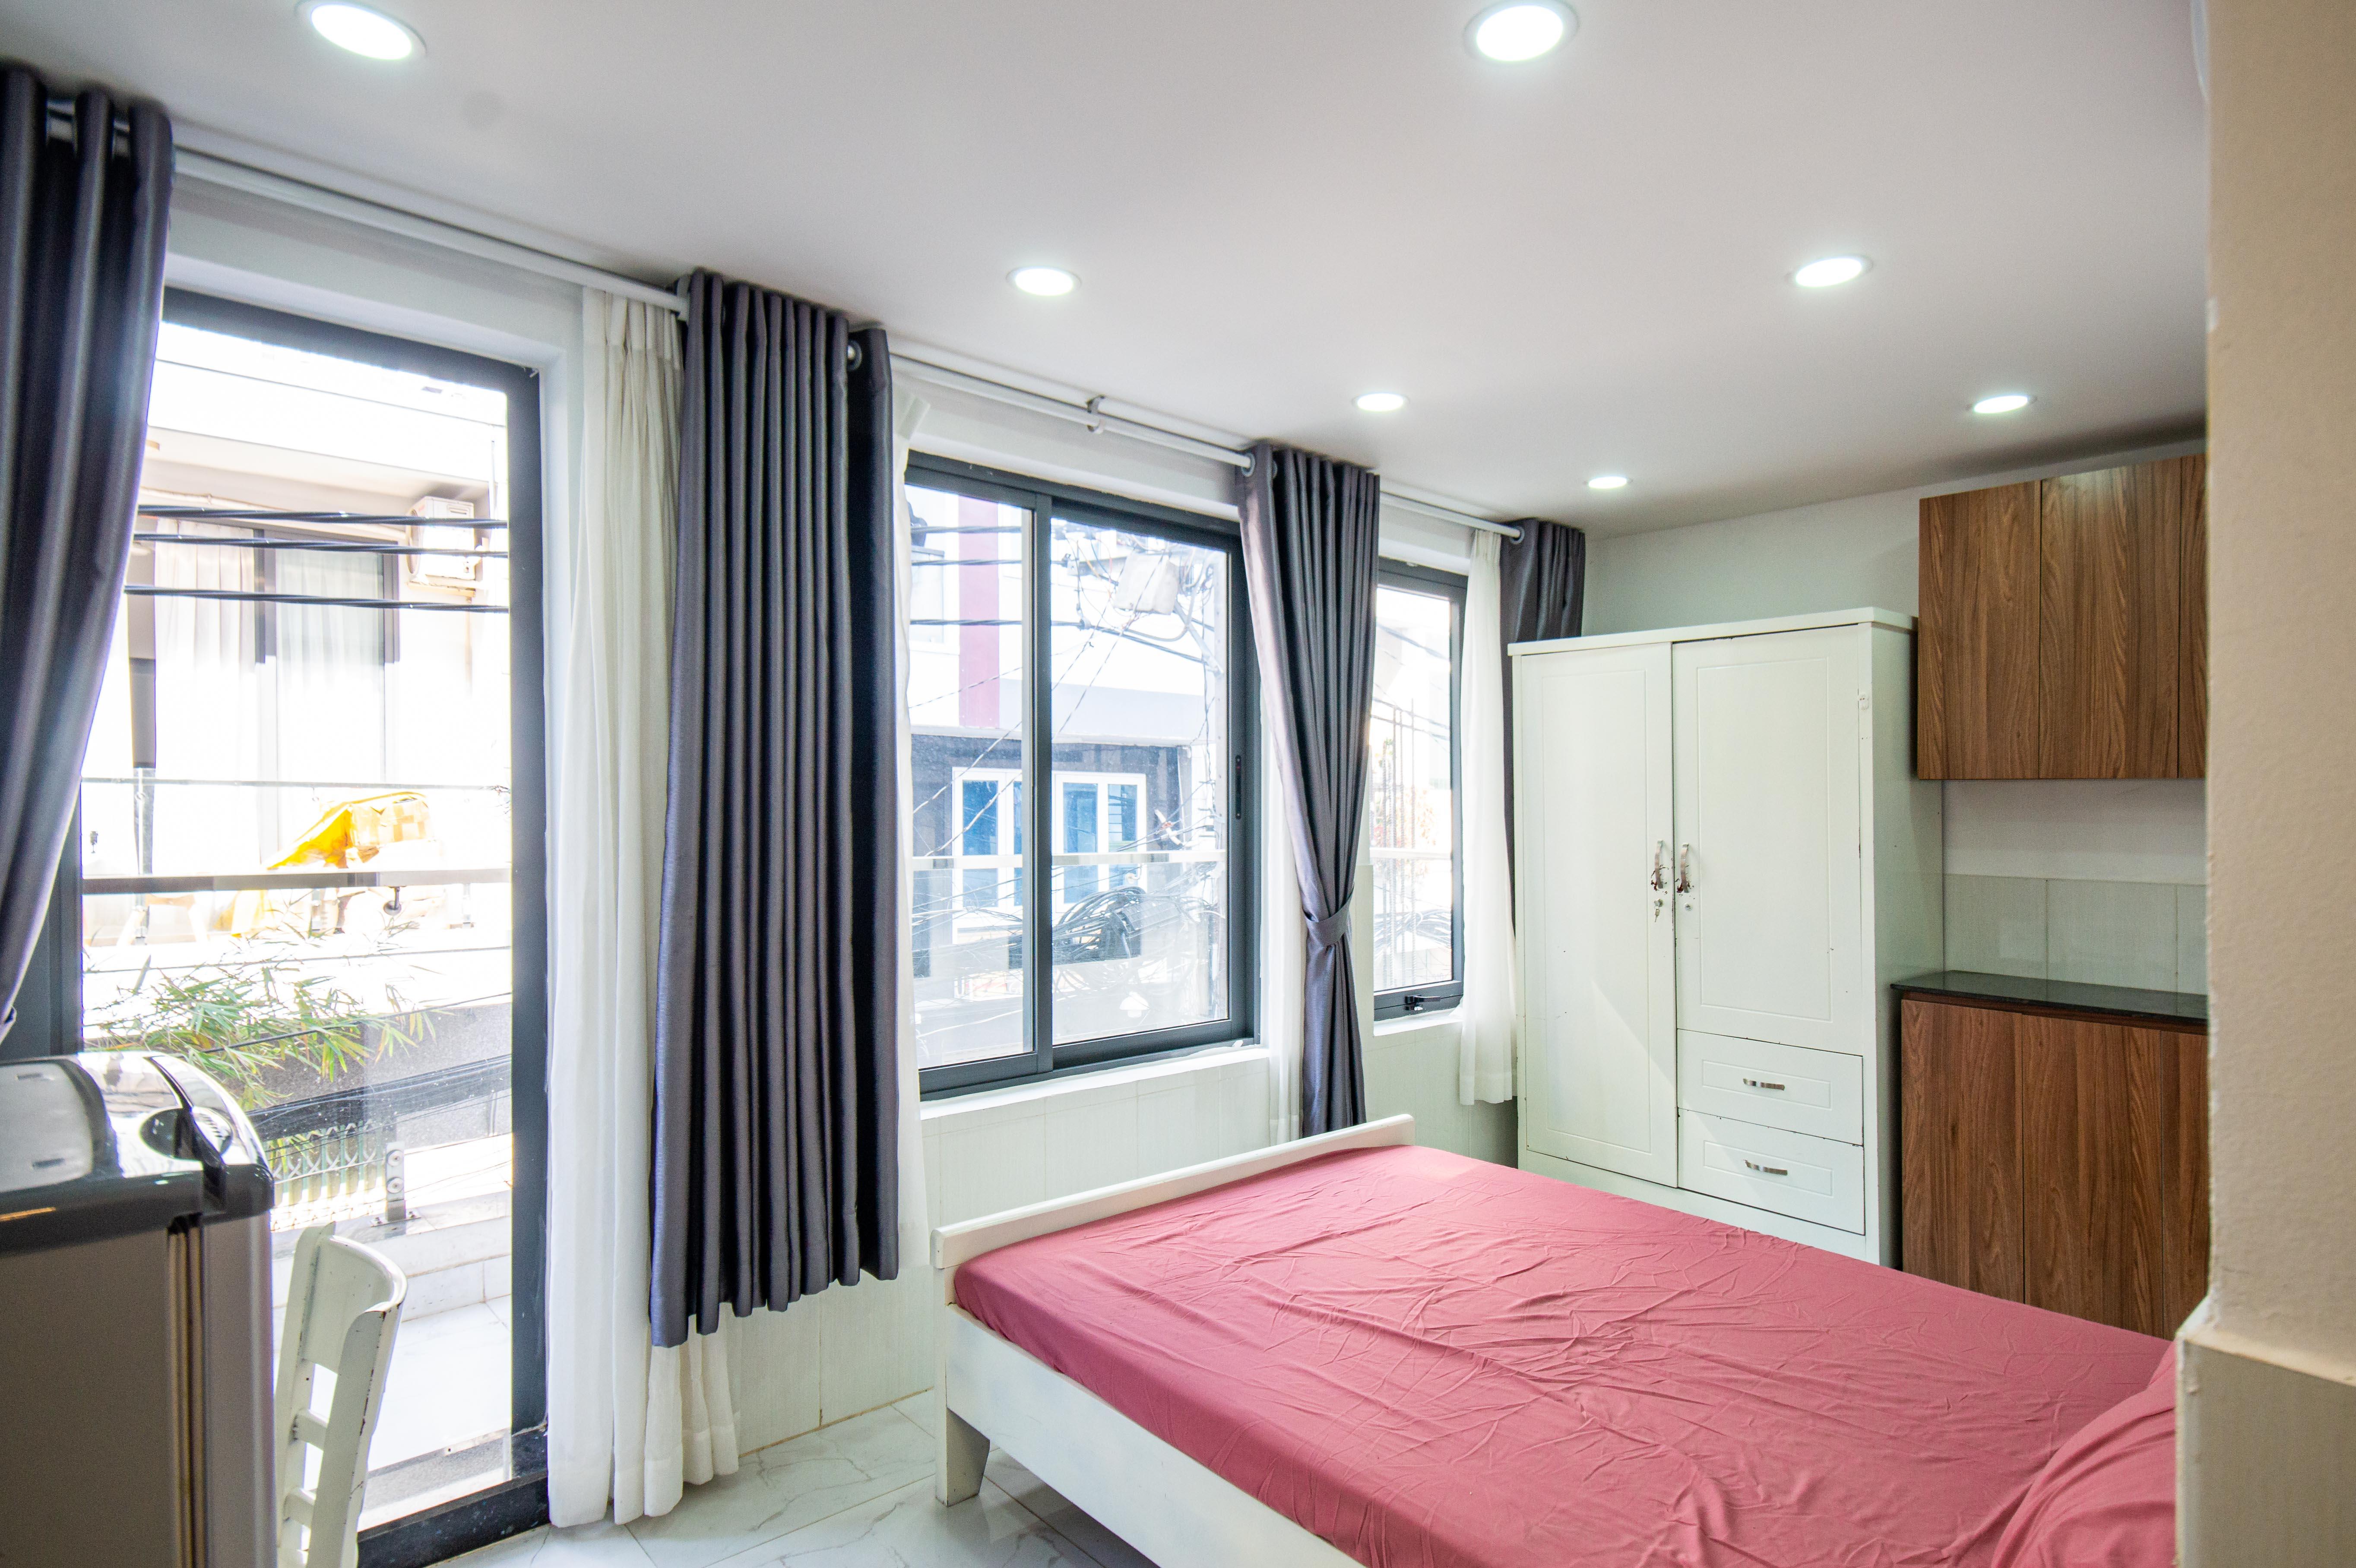 Cho Thuê Căn hộ 1 PN Trần Văn Đang Apartment - Ban Công Rộng Rãi -0